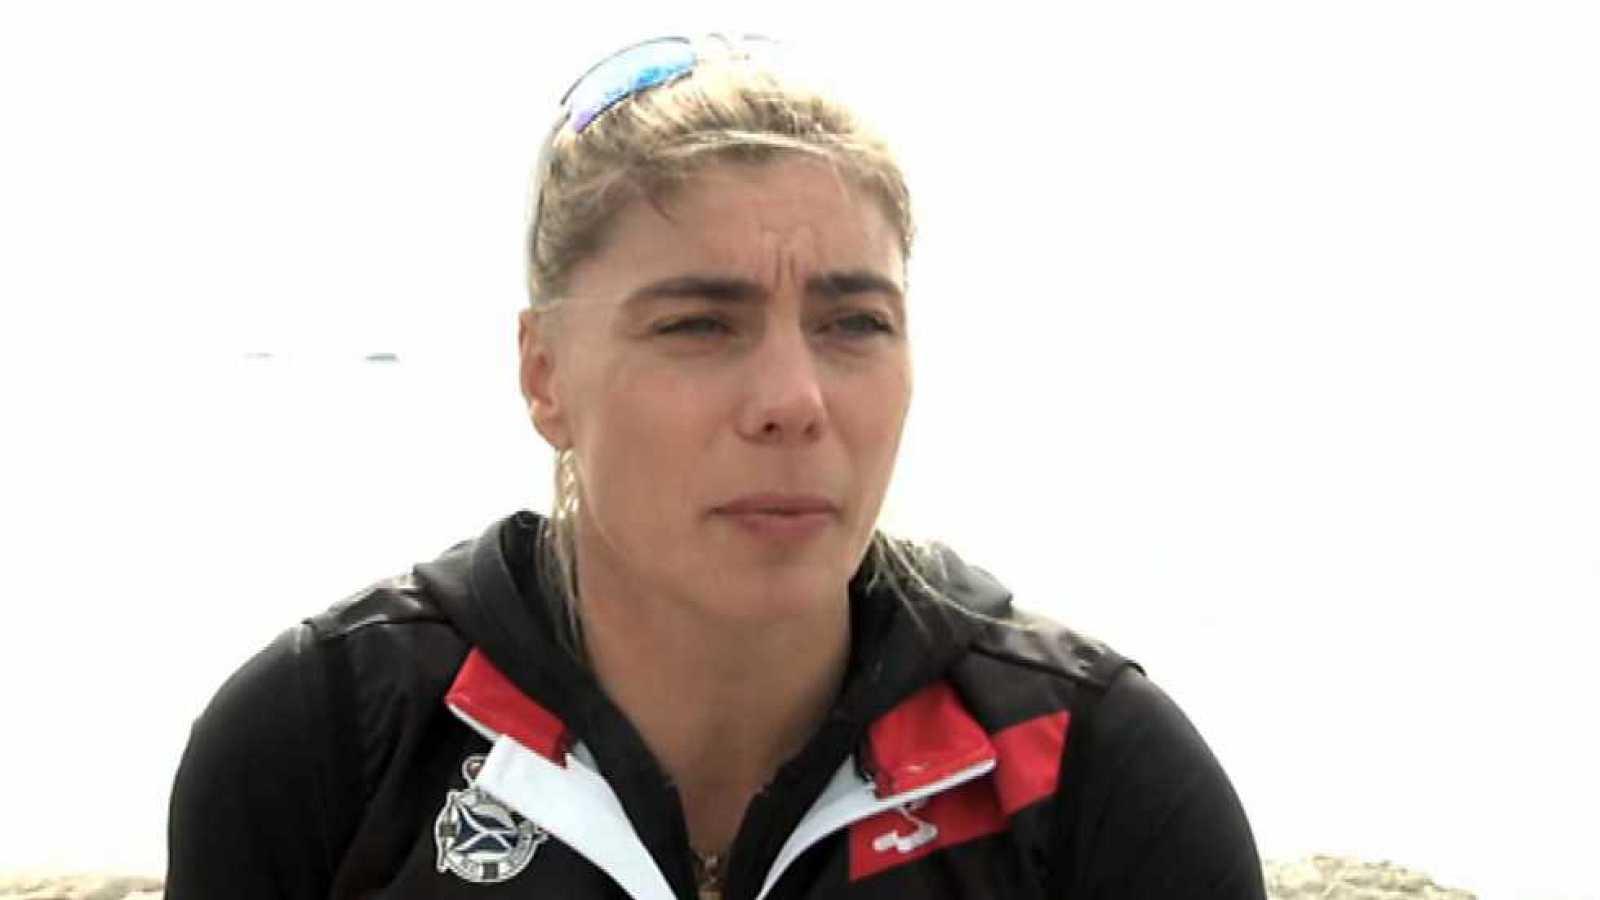 Mujer y deporte - Triatlón: Helena Herrero - ver ahora